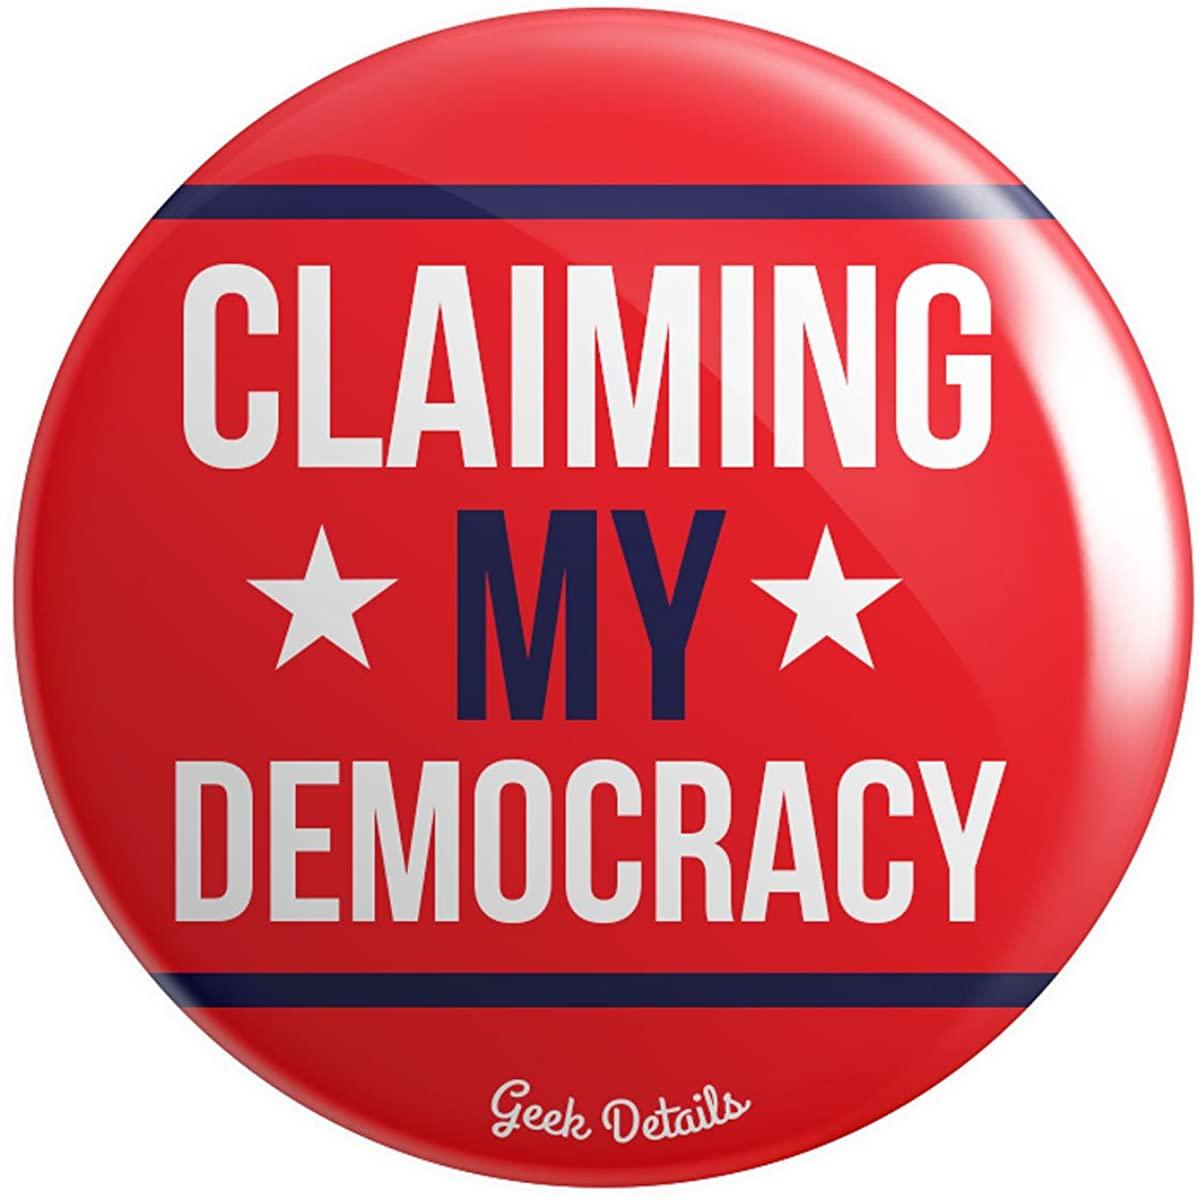 Geek Details Political Themed Pinback Button